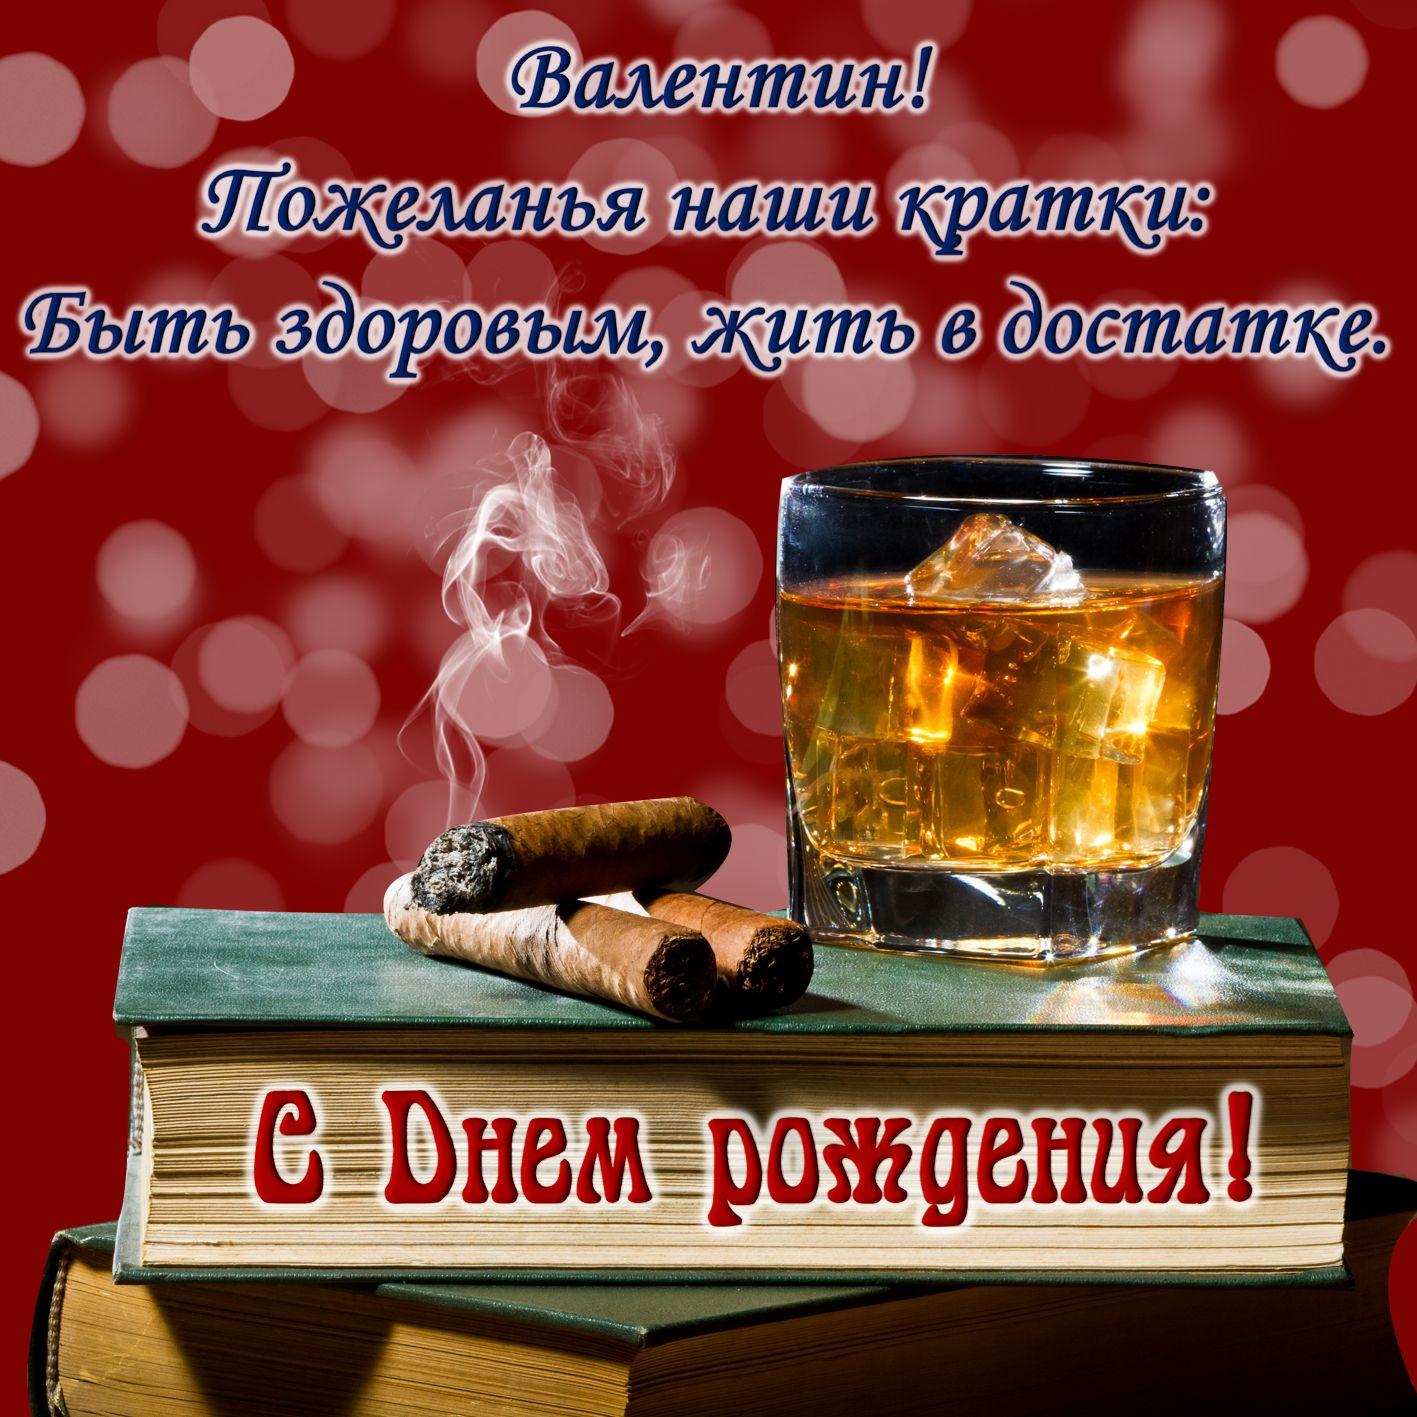 Картинка с виски в красном оформлении на День рождения Валентину